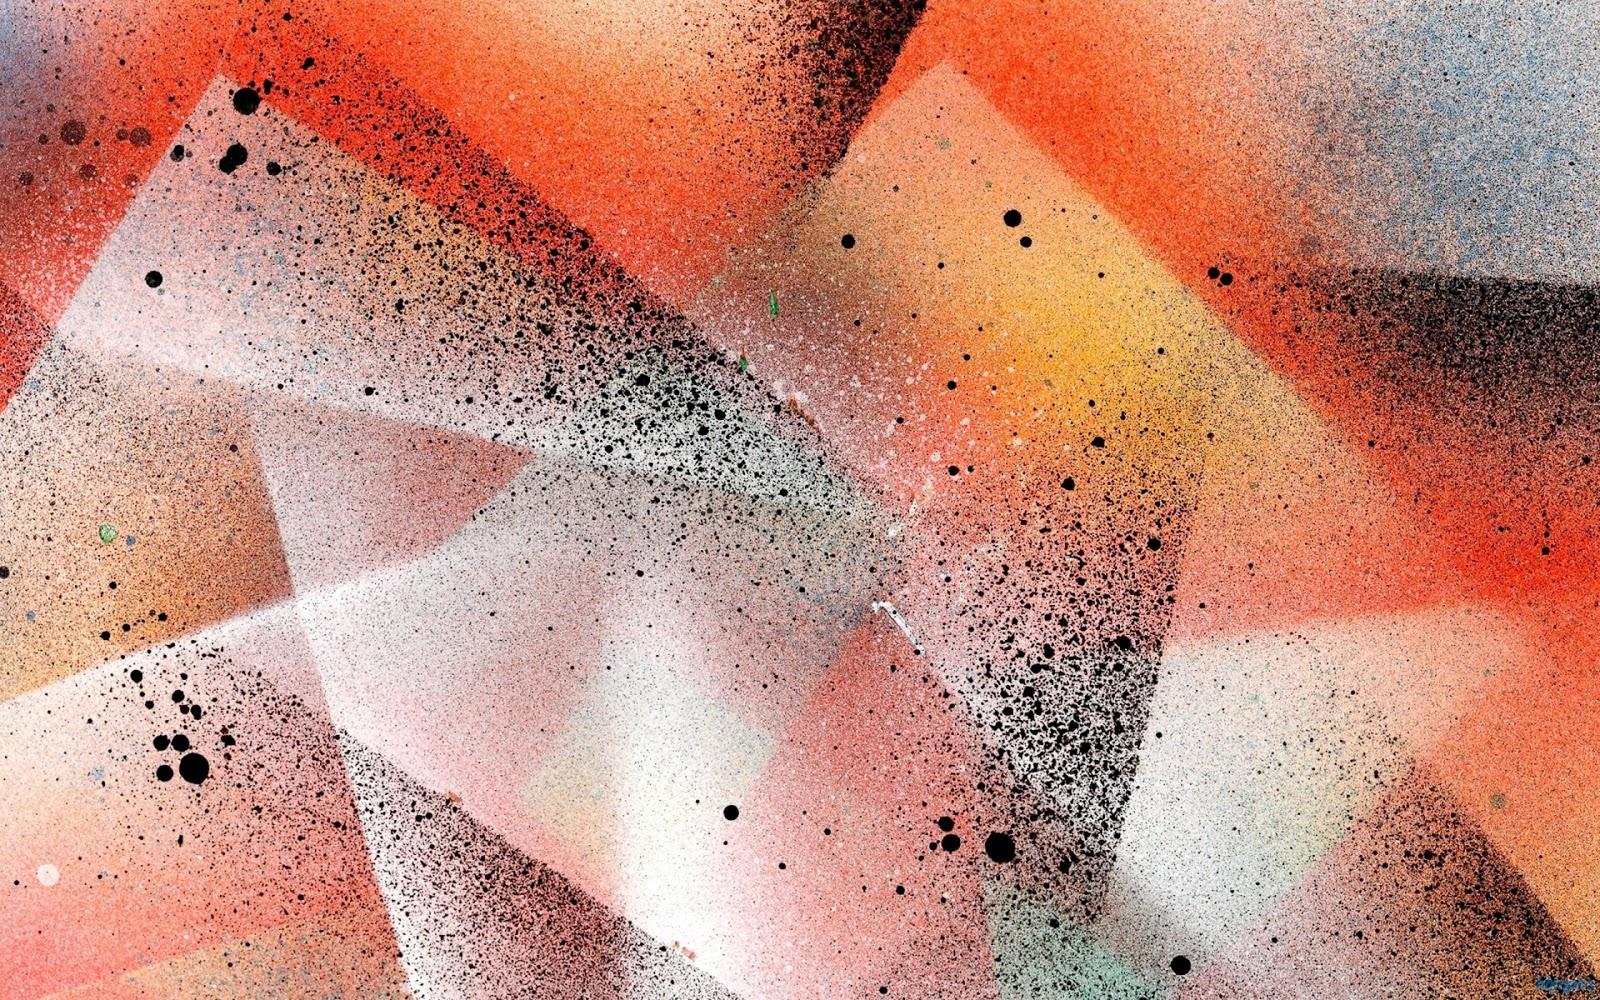 http://4.bp.blogspot.com/-nAX-iEQQUpo/UIZBUBrIGfI/AAAAAAAAGl8/N3TeepzOTgA/s1600/spray_abstract-1920x1200.jpg